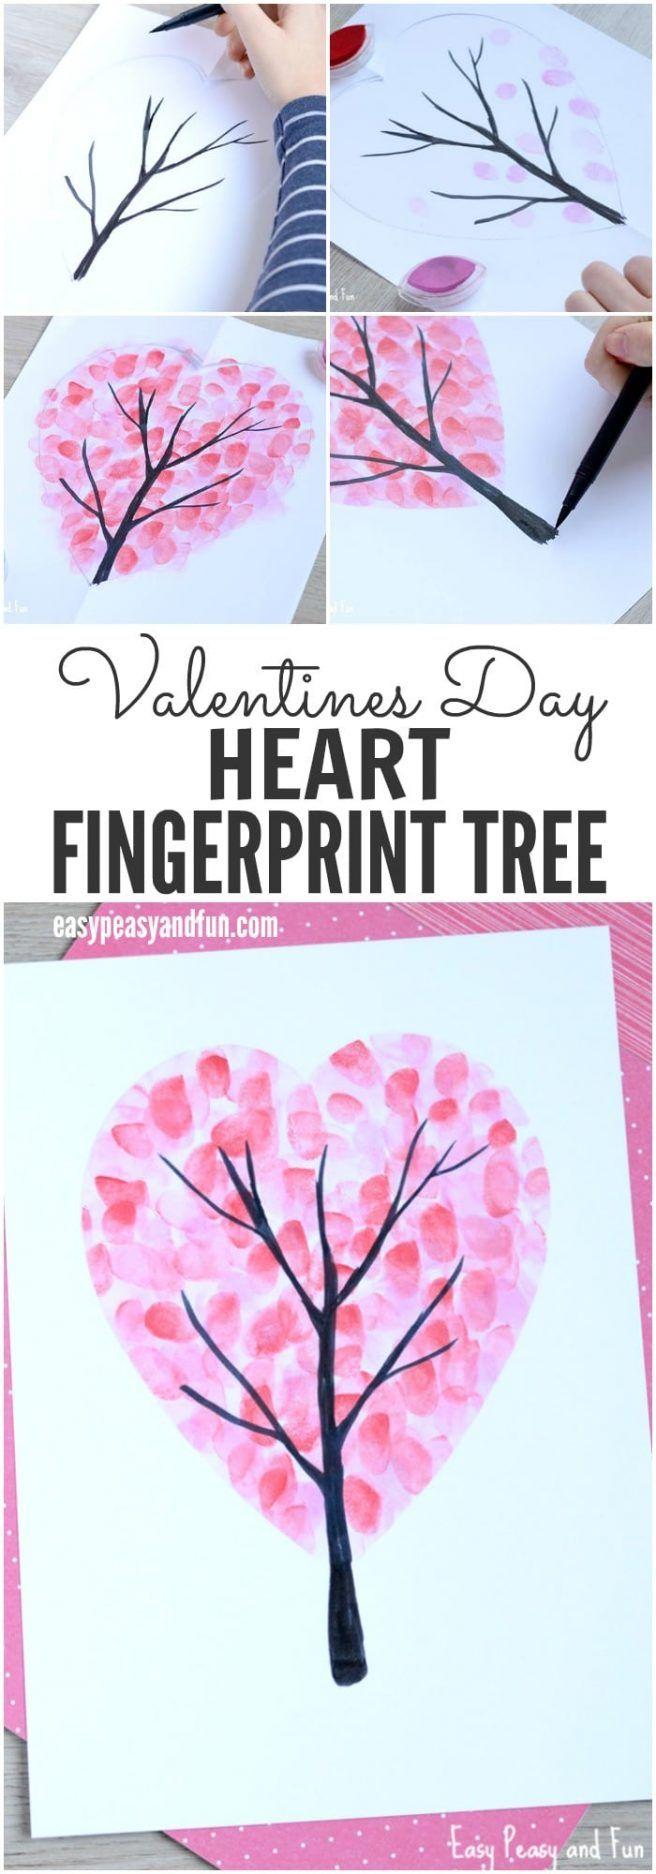 fc91fdf6e6954b23455e9d1814abcde2 - Valentine's Day Heart Fingerprint Tree | Easy Peasy and Fun - Fun and Easy Valen...